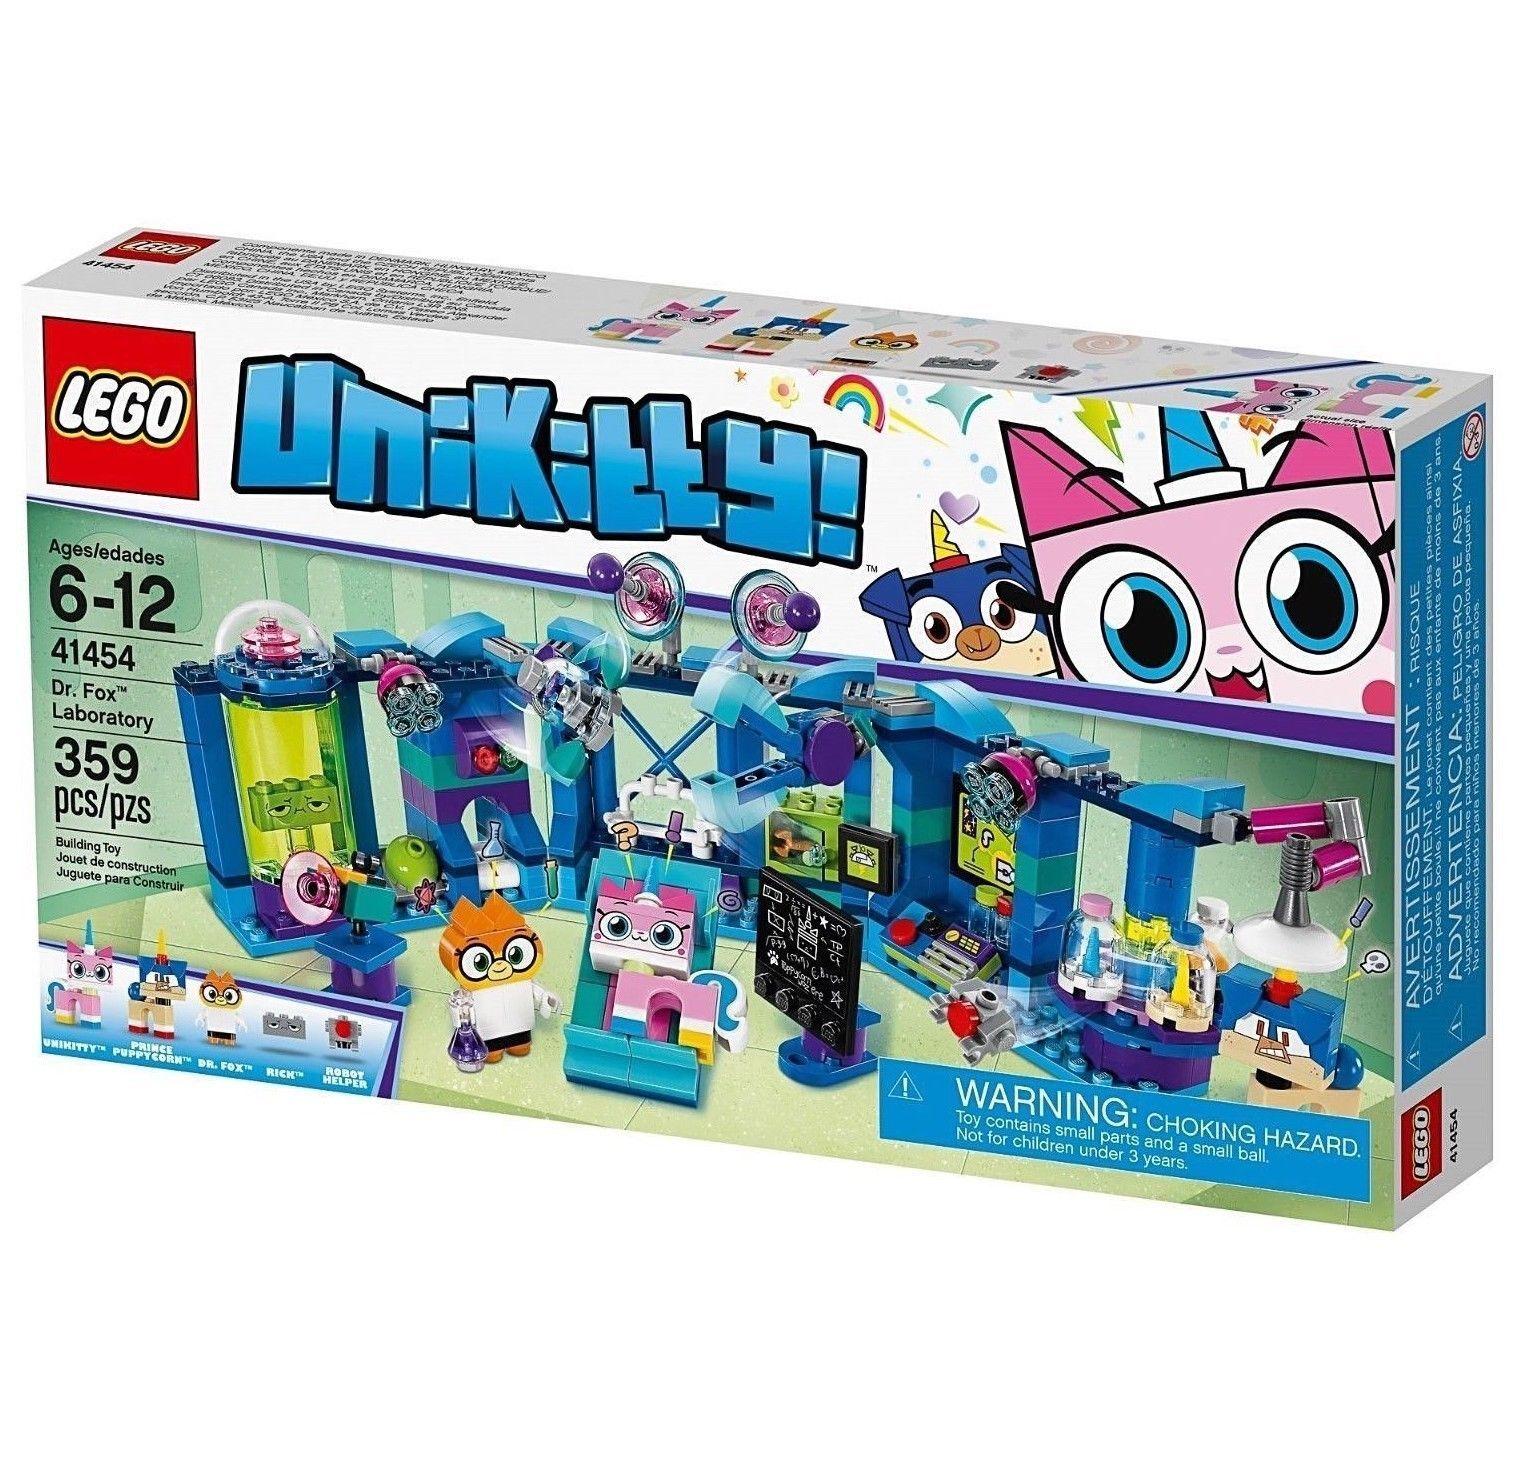 LEGO Friends 41001 Mia /'s supplié tours de magie magic show astuces